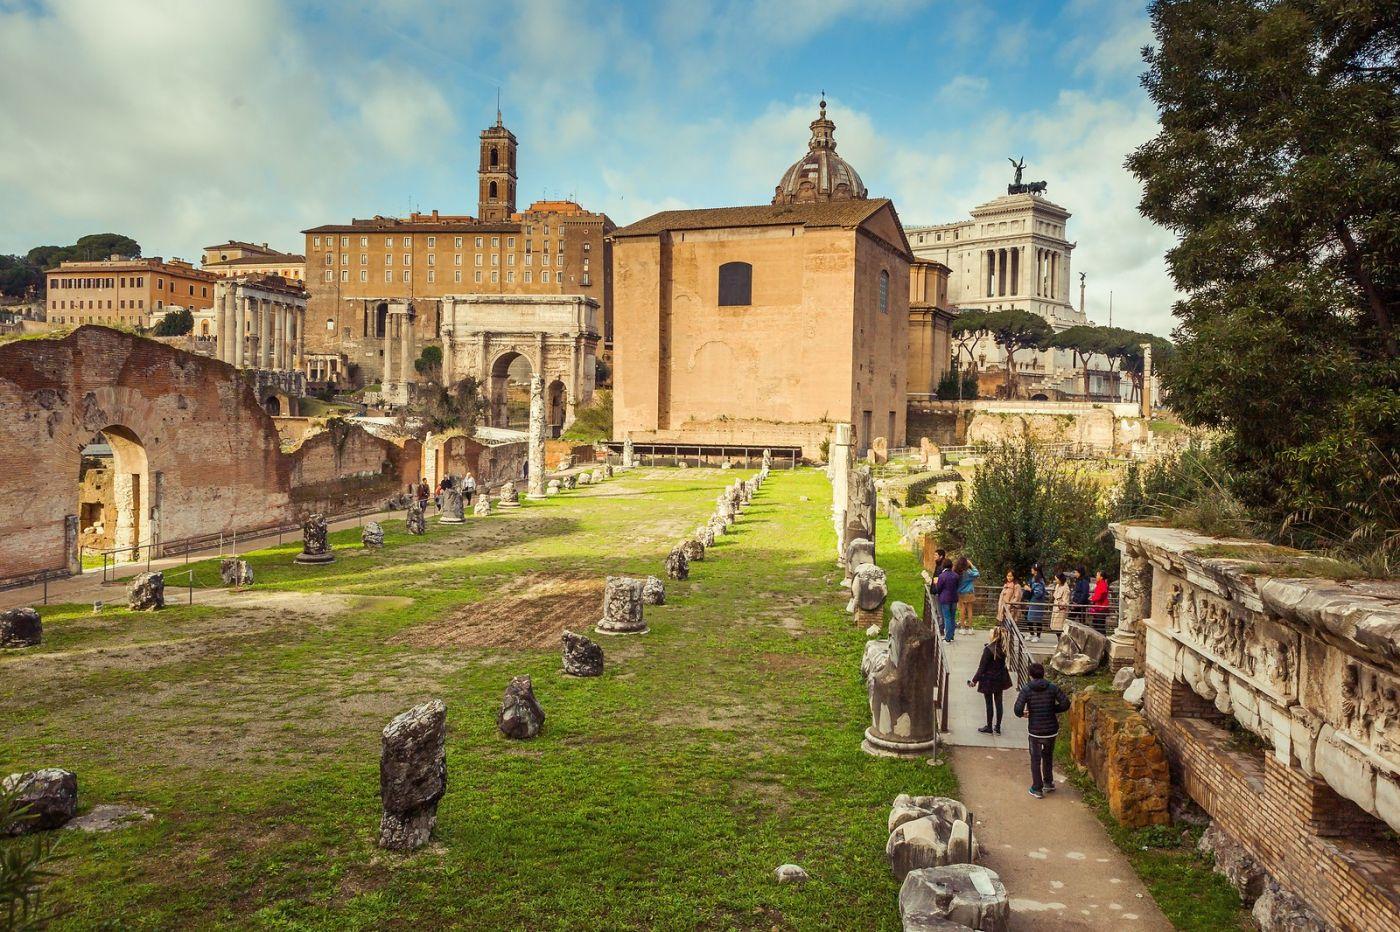 意大利罗马论坛,二千年的历史_图1-11